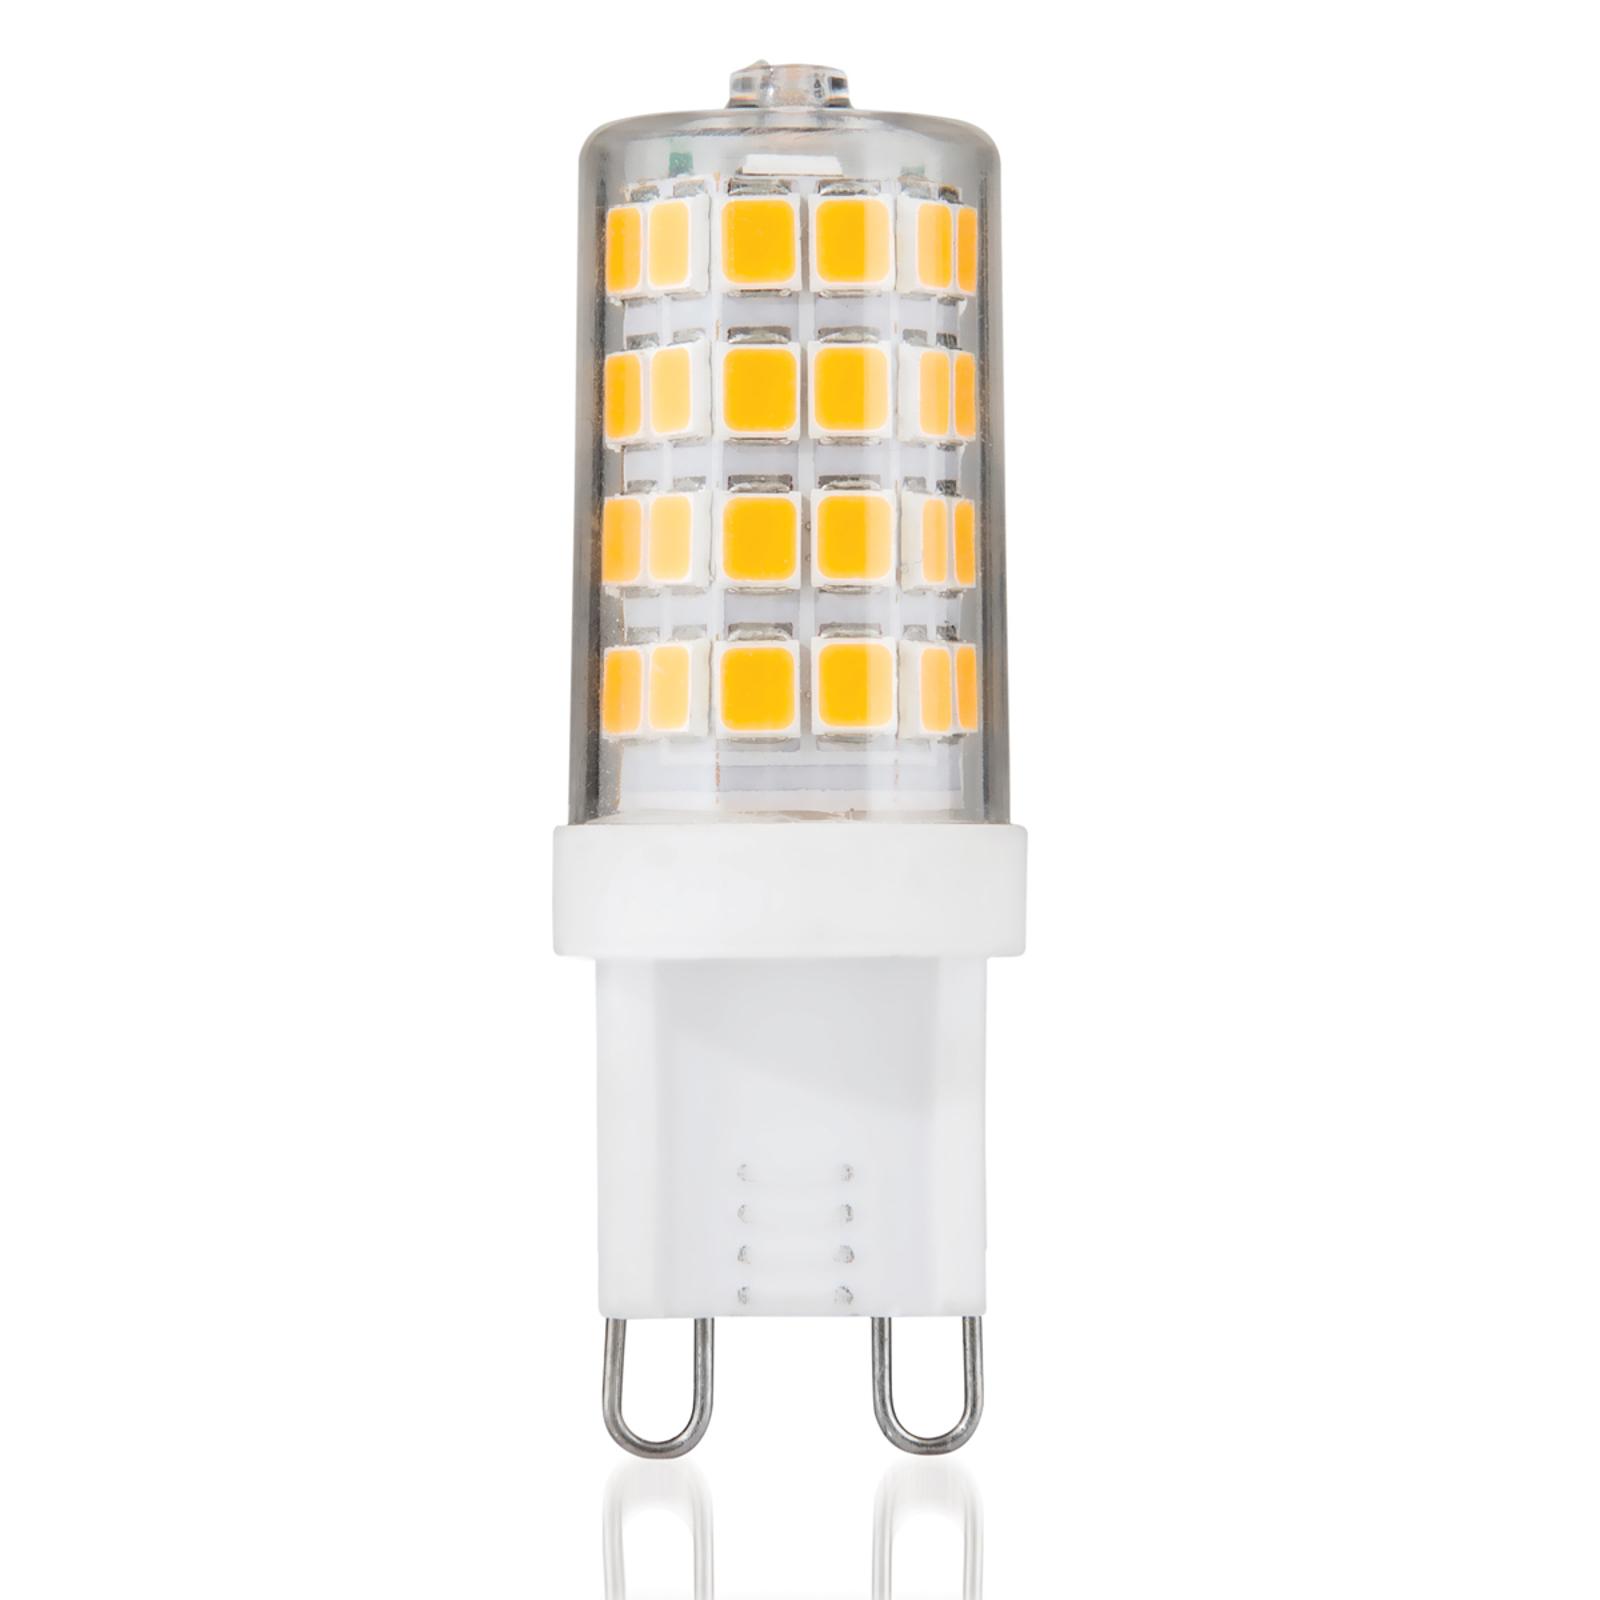 G9 4 W 828 LED-stiftlampa